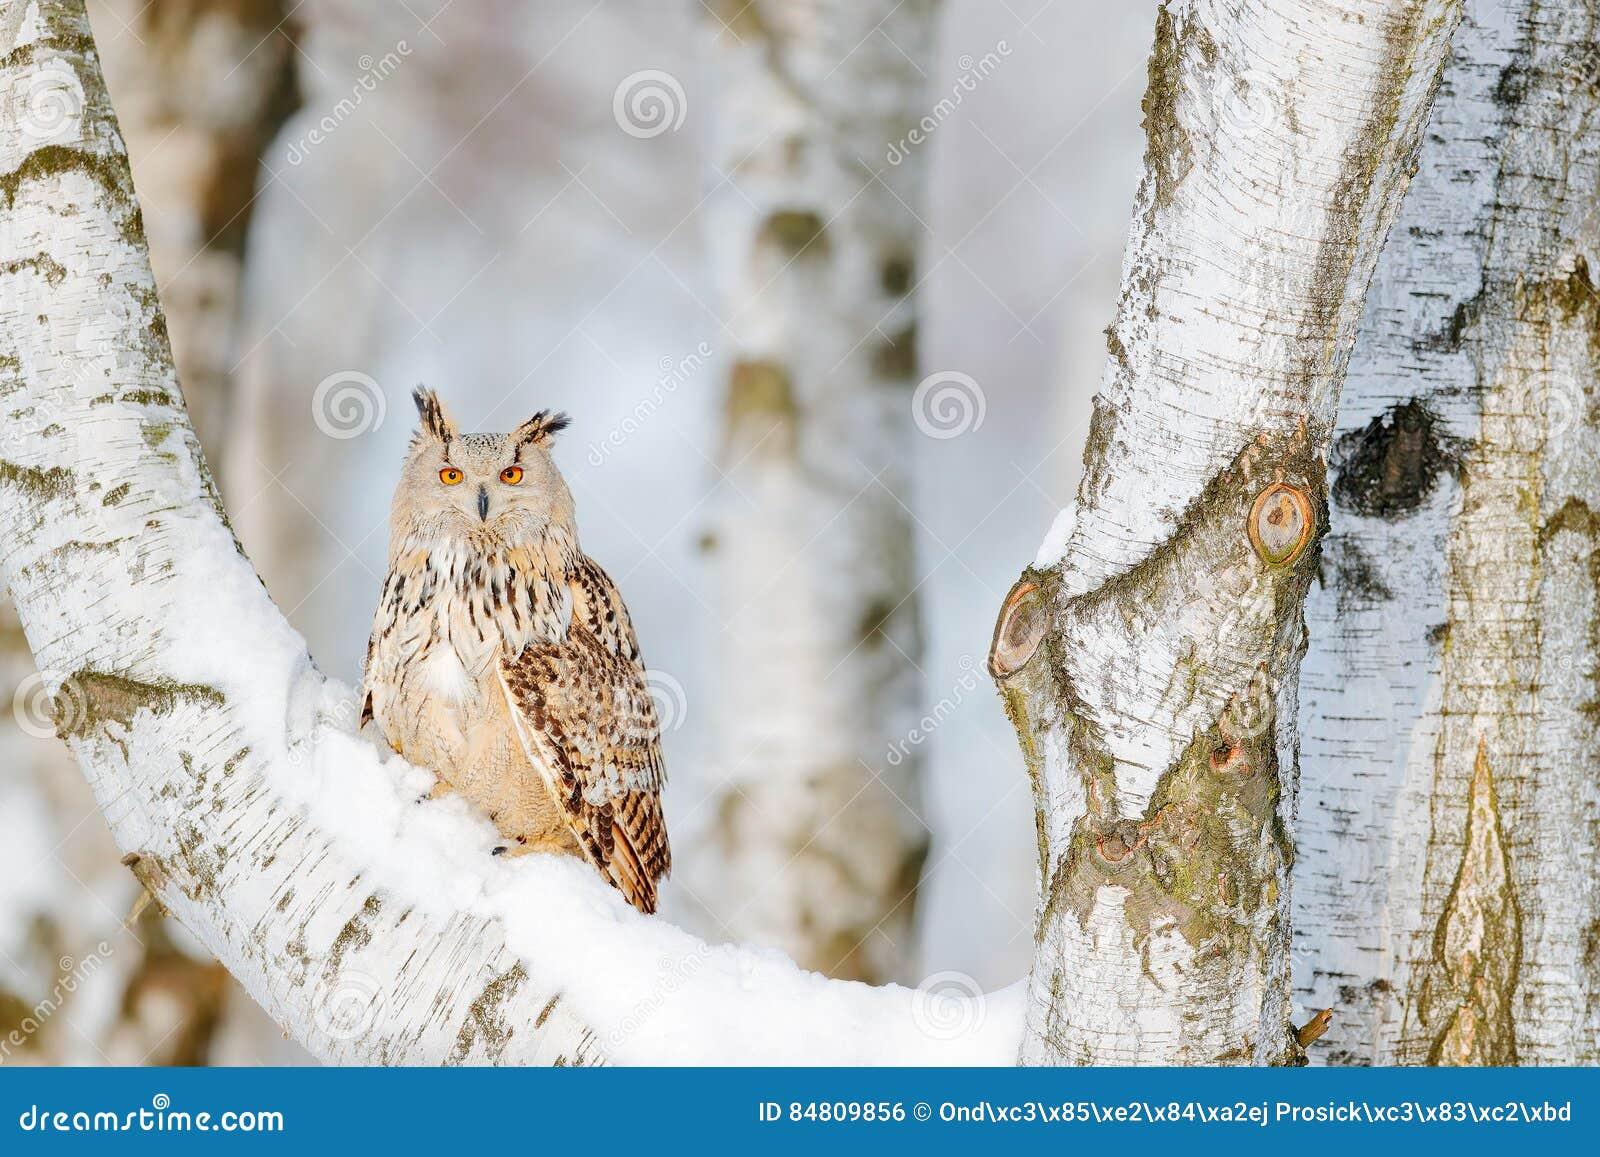 De winterscène met uil Groot Oostelijk Siberisch Eagle Owl, Bubo-bubosibiricus, die op heuveltje met sneeuw in de bosberkboom zit